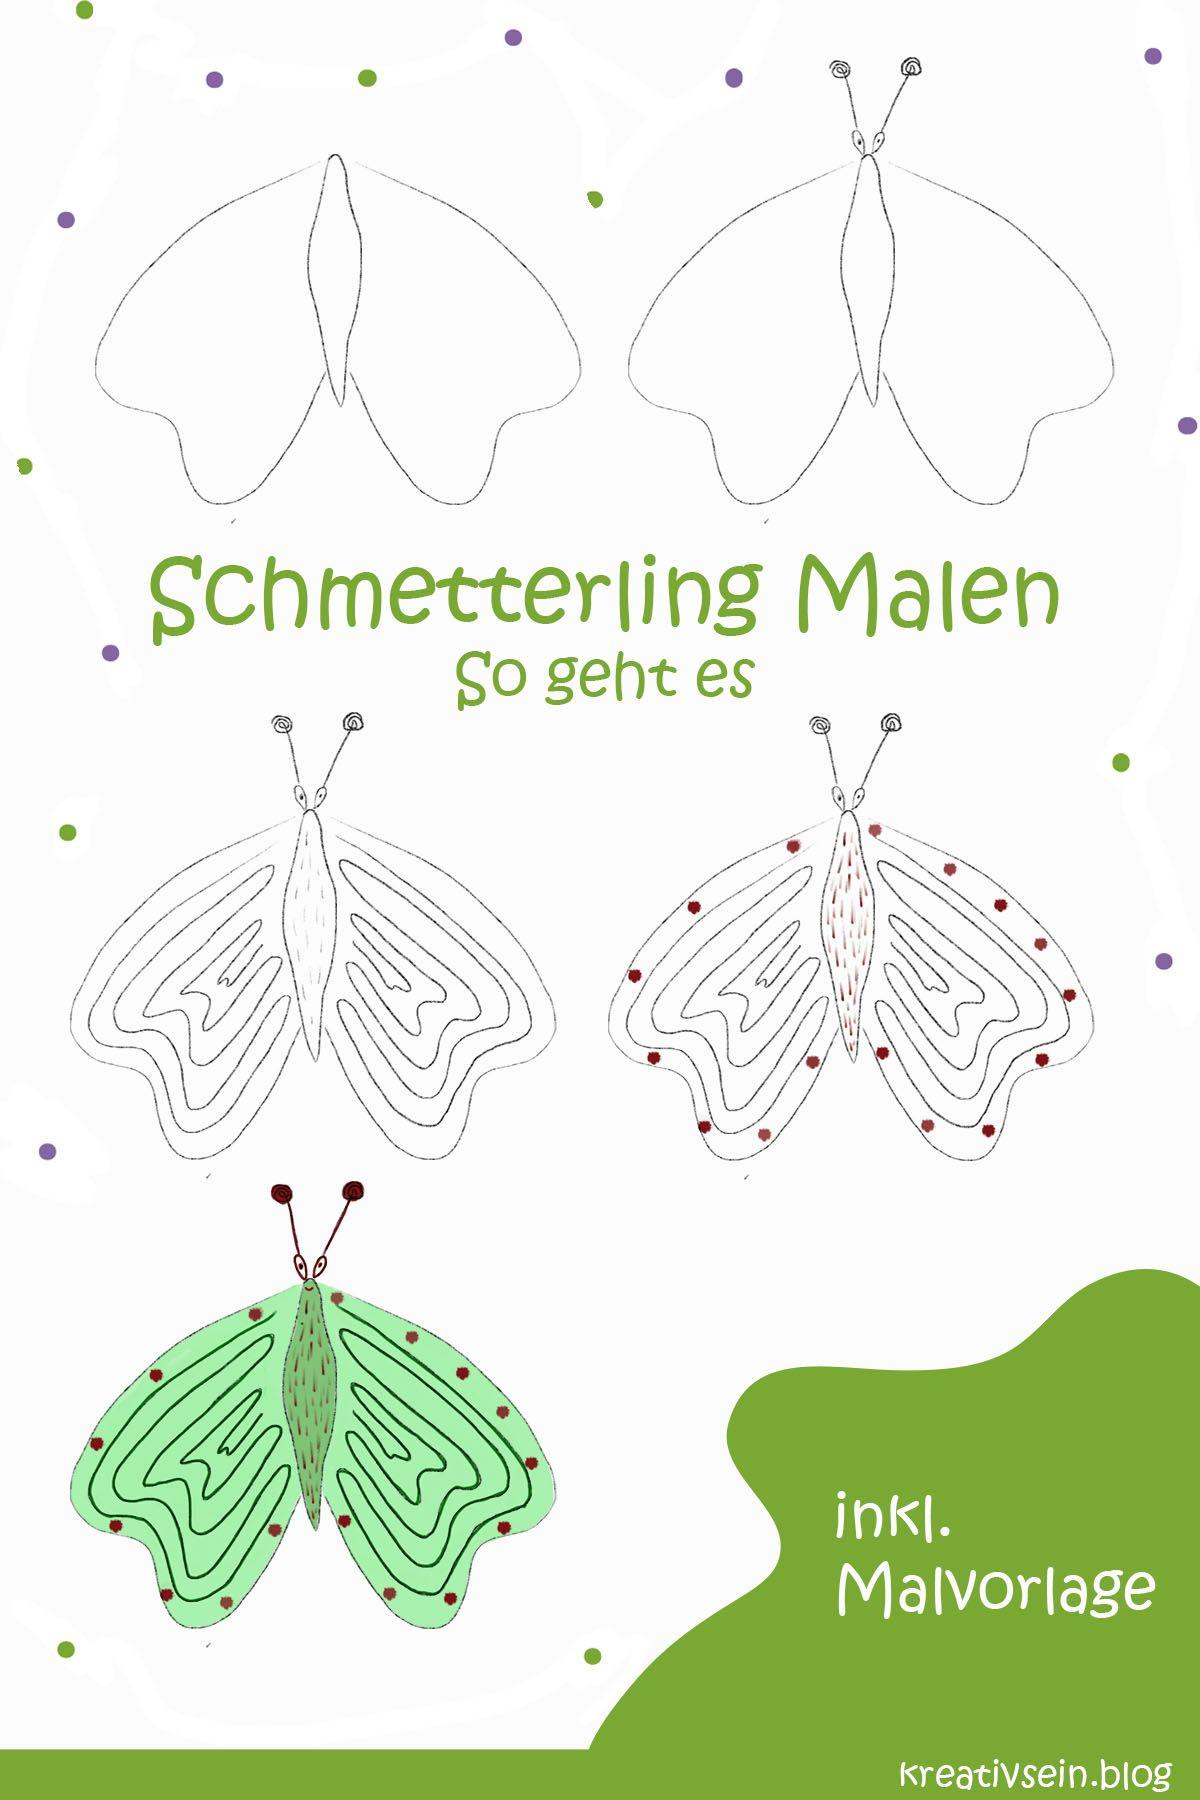 Schmetterling Malen ganz einfach - kreativseinblog